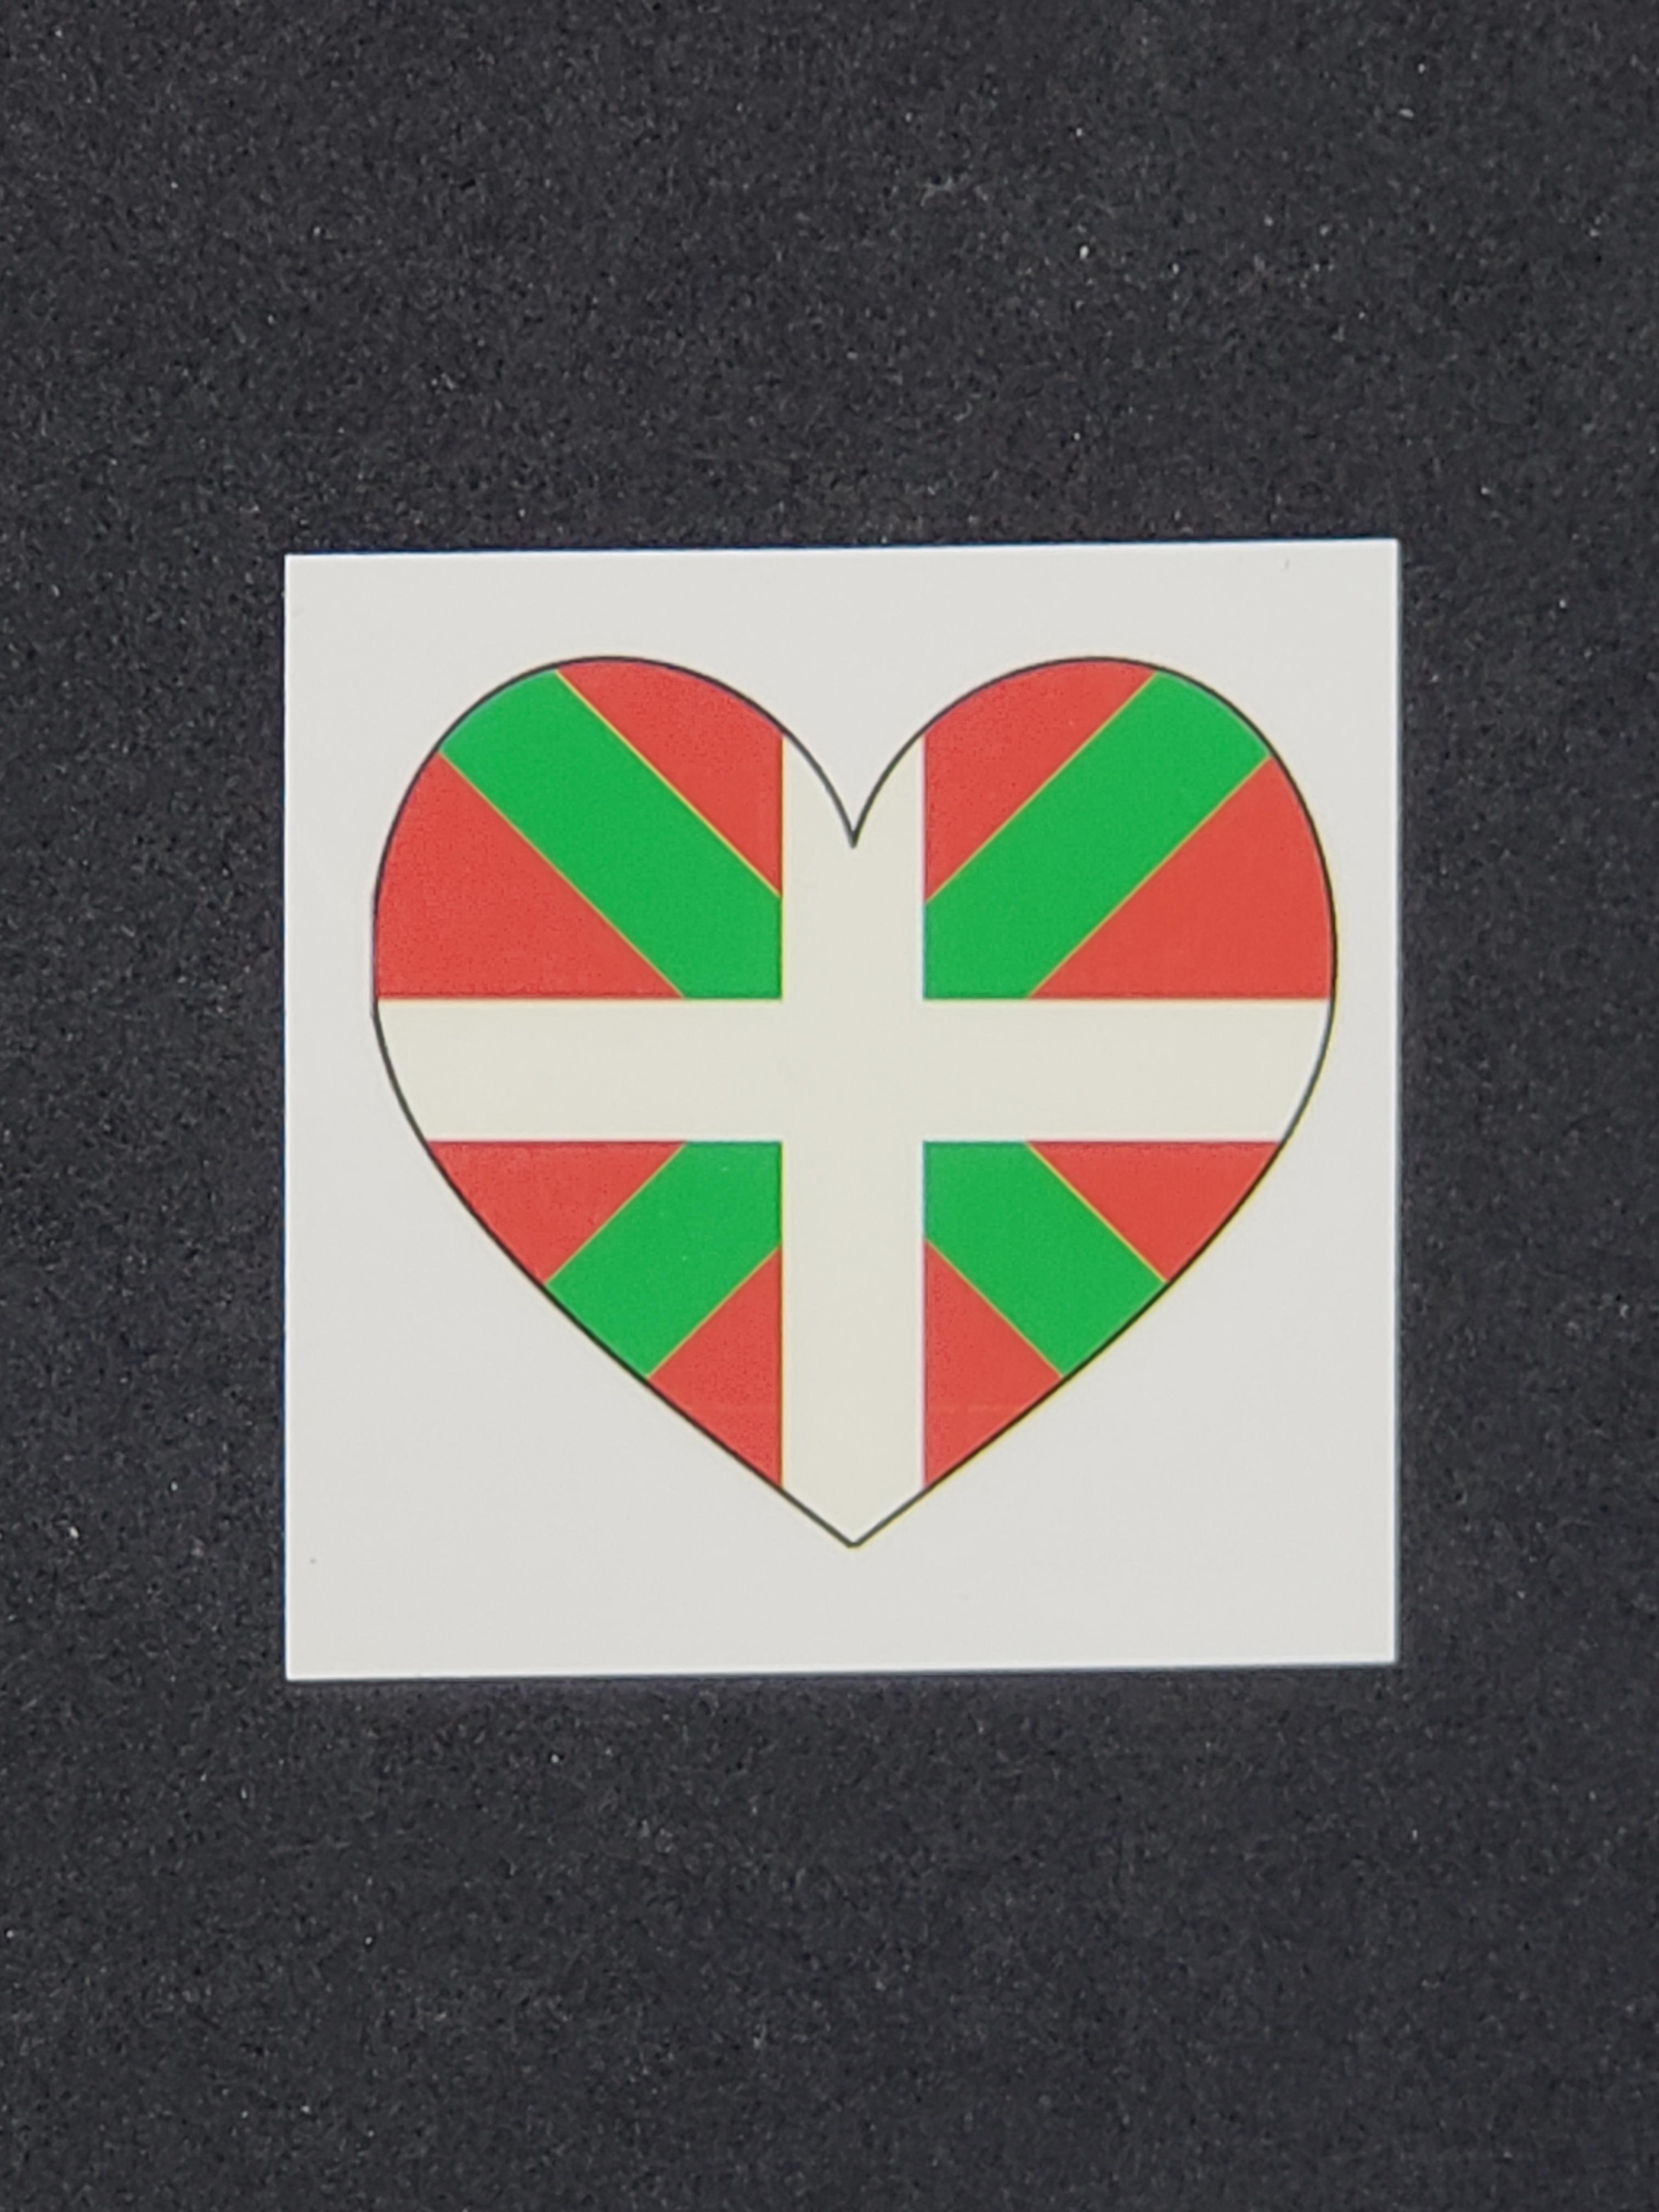 Bihotza Tattoo - The Basque Museum & Cultural Center   Boise, ID